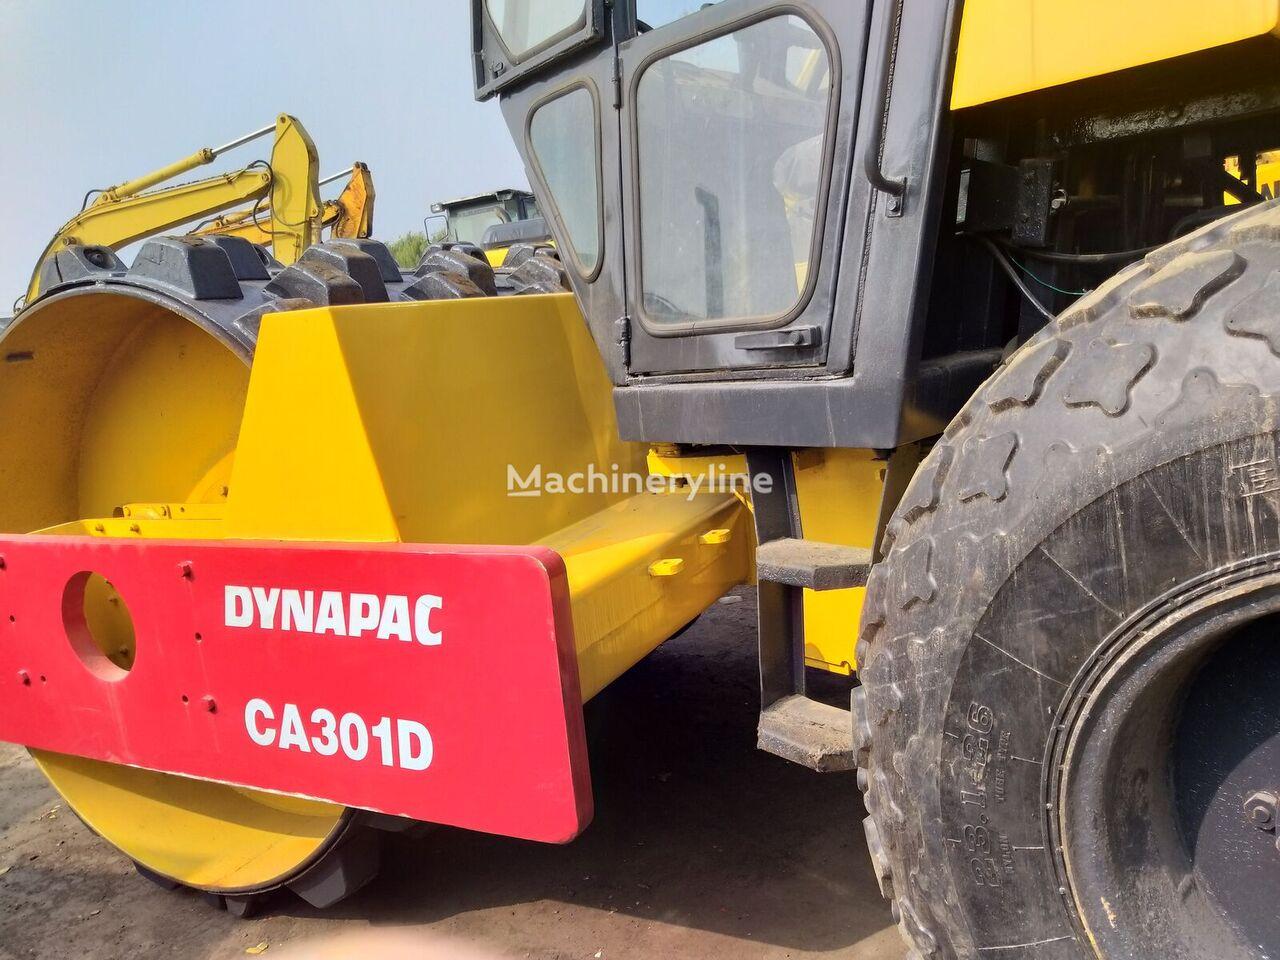 BOMAG CA301D compactor